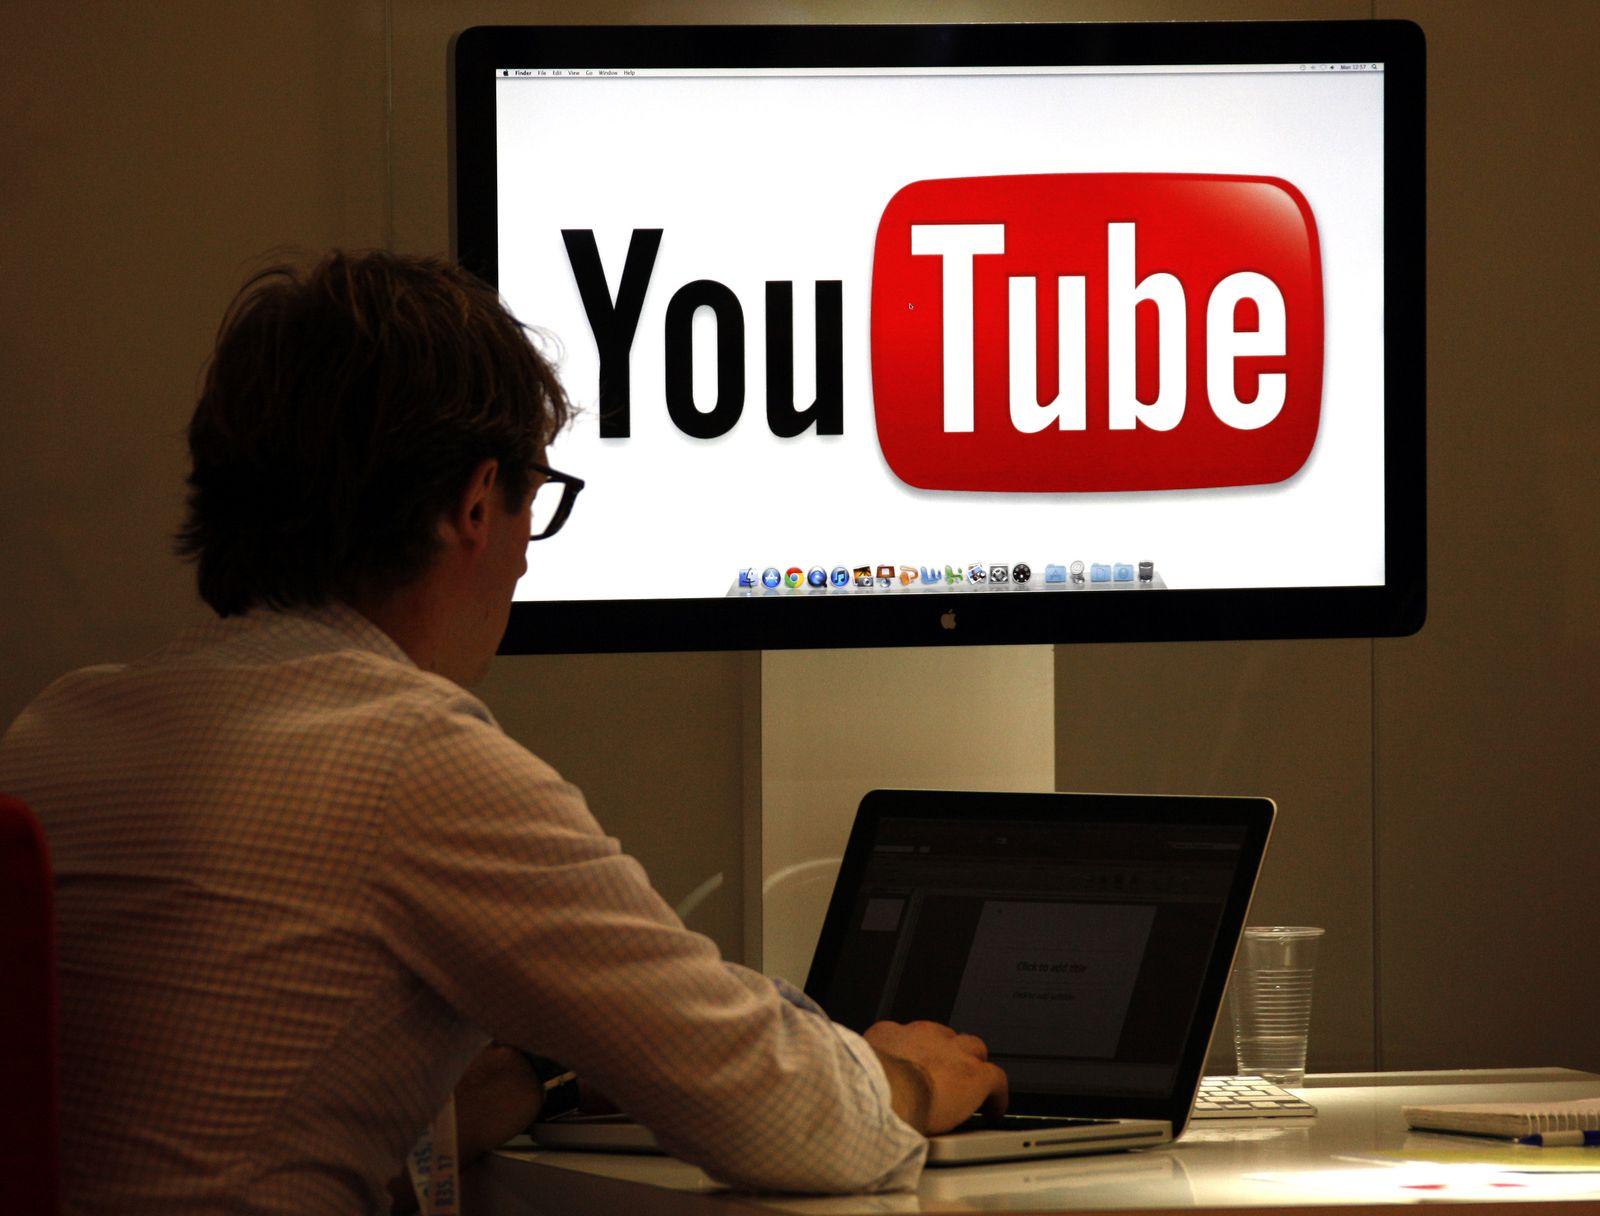 NICHT MEHR VERWENDEN! - Symbolbild YouTube Logo